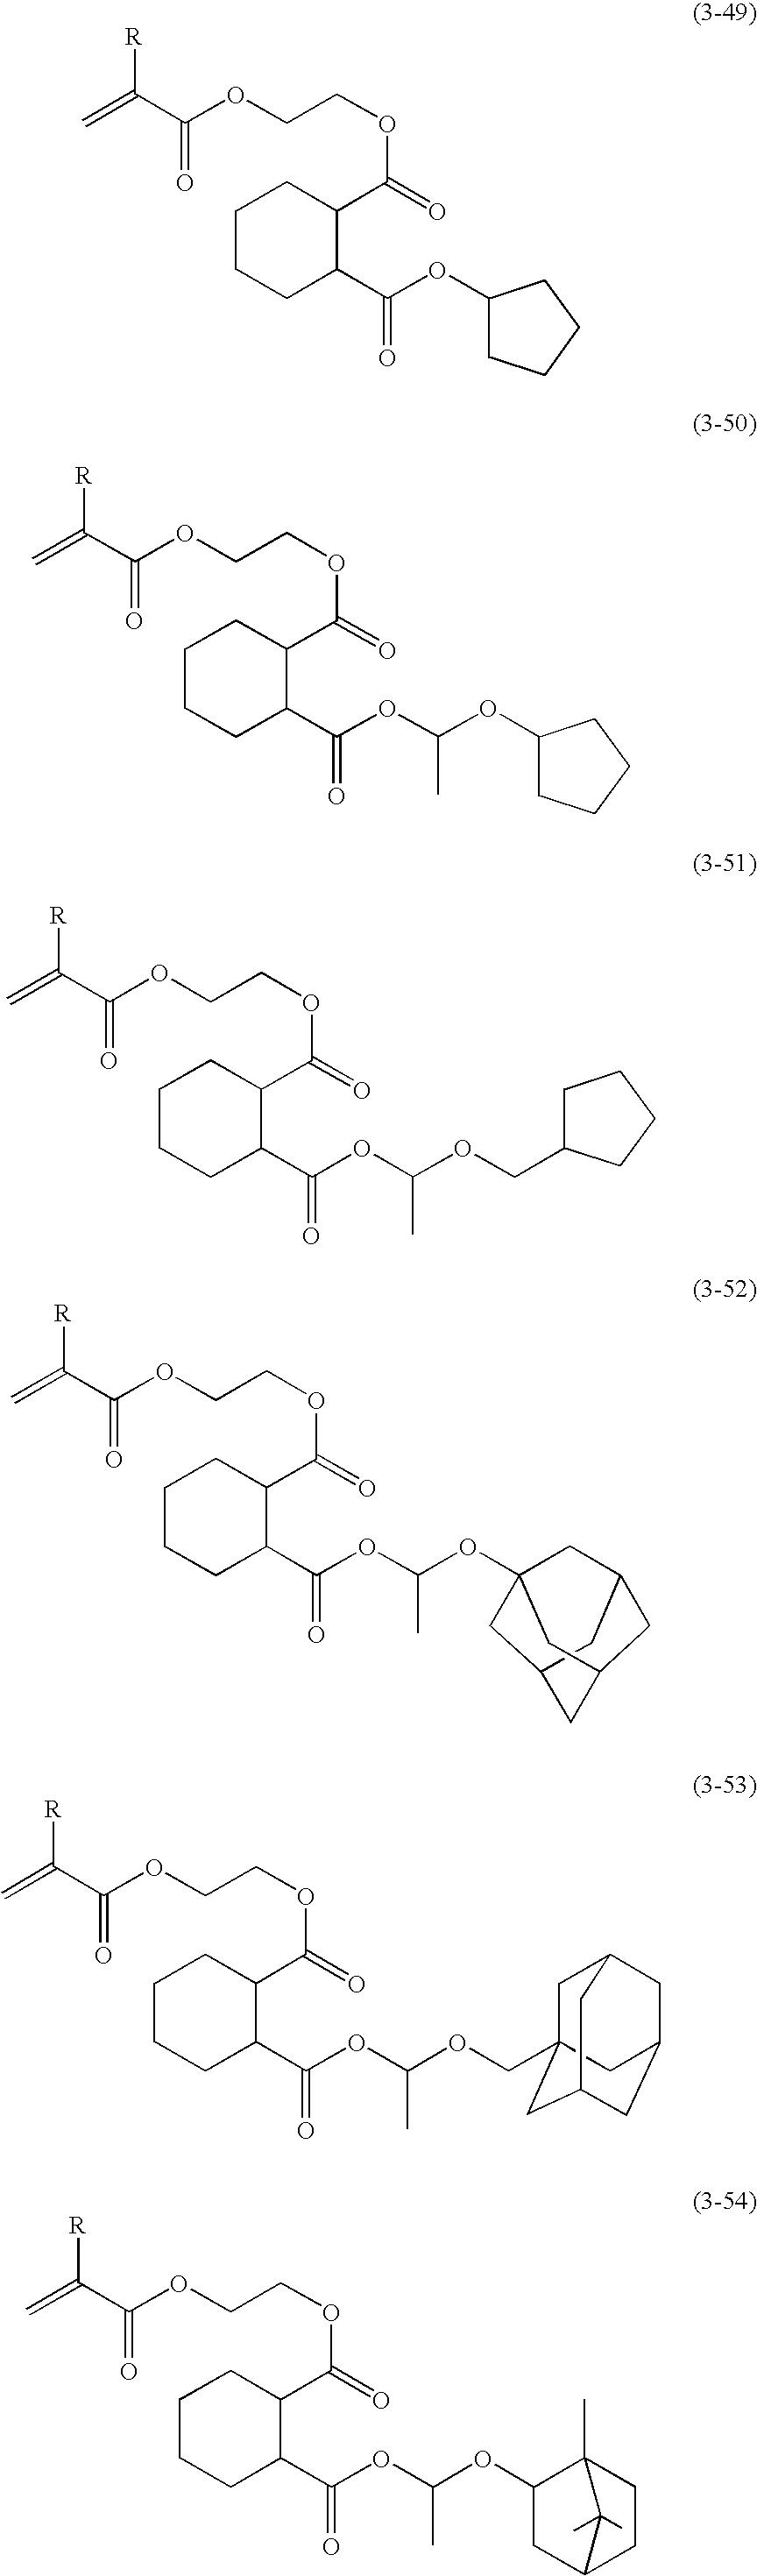 Figure US08114949-20120214-C00015